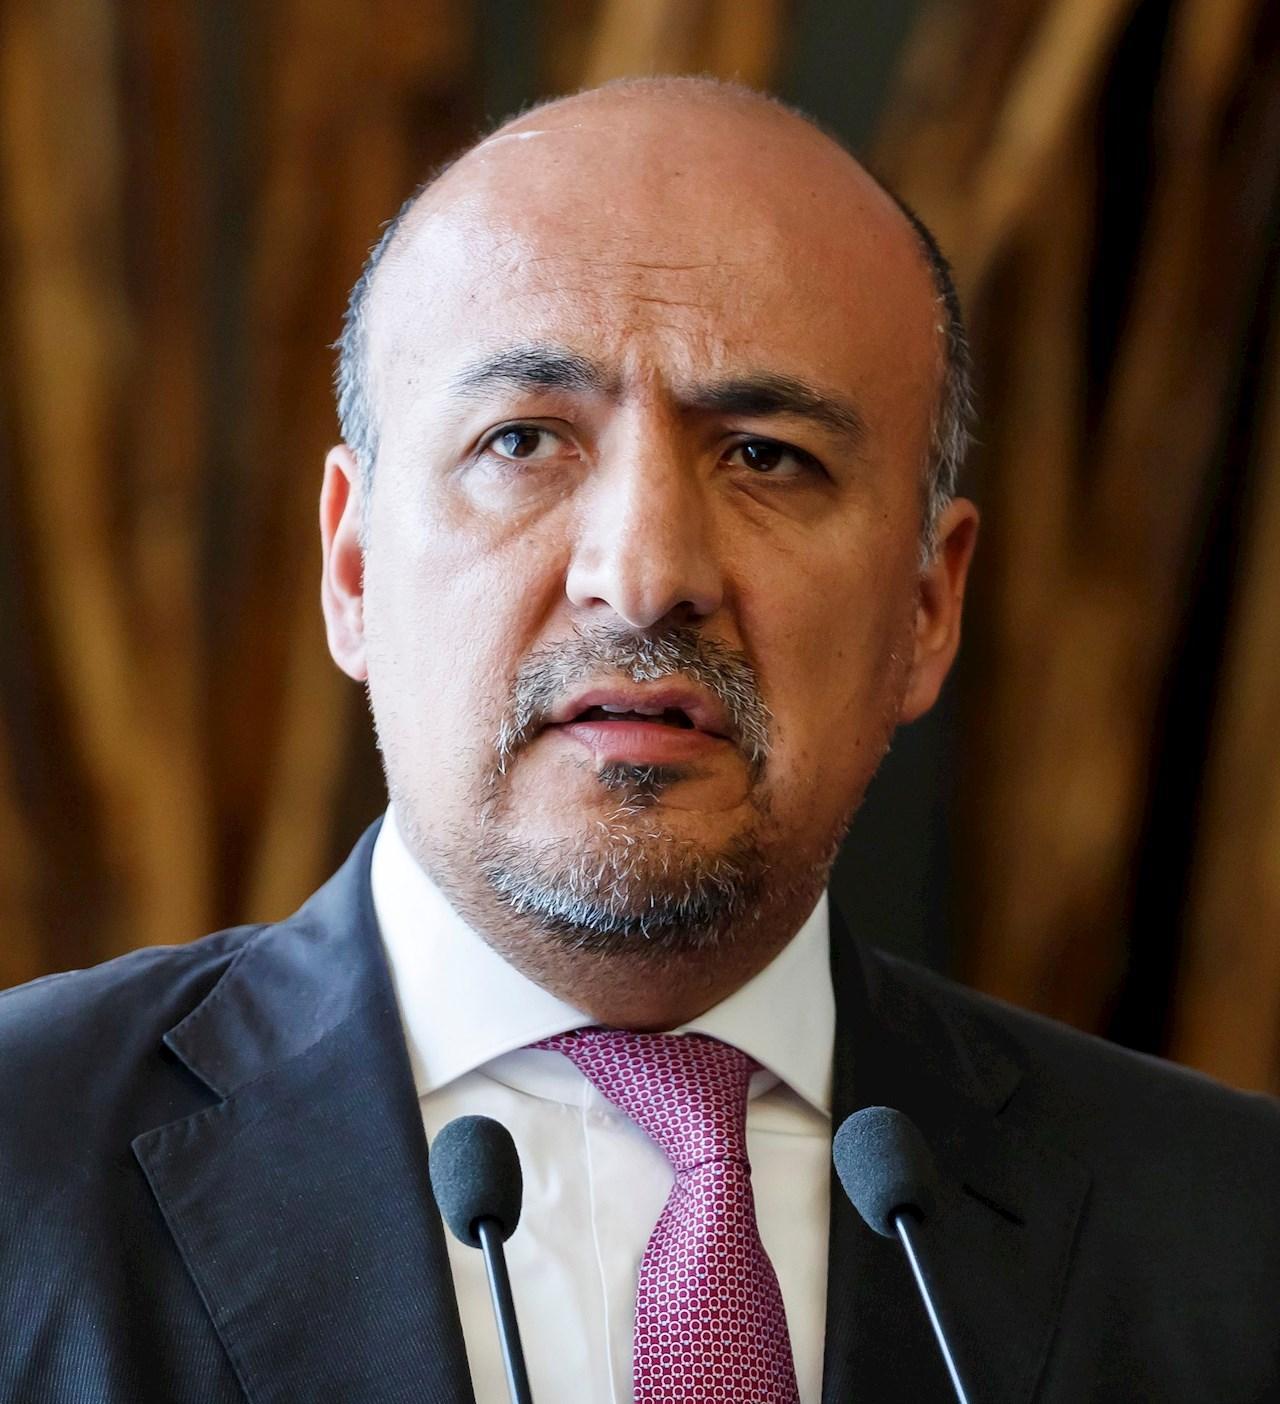 México se opone a que EU dirija el BID; apoya a candidato argentino